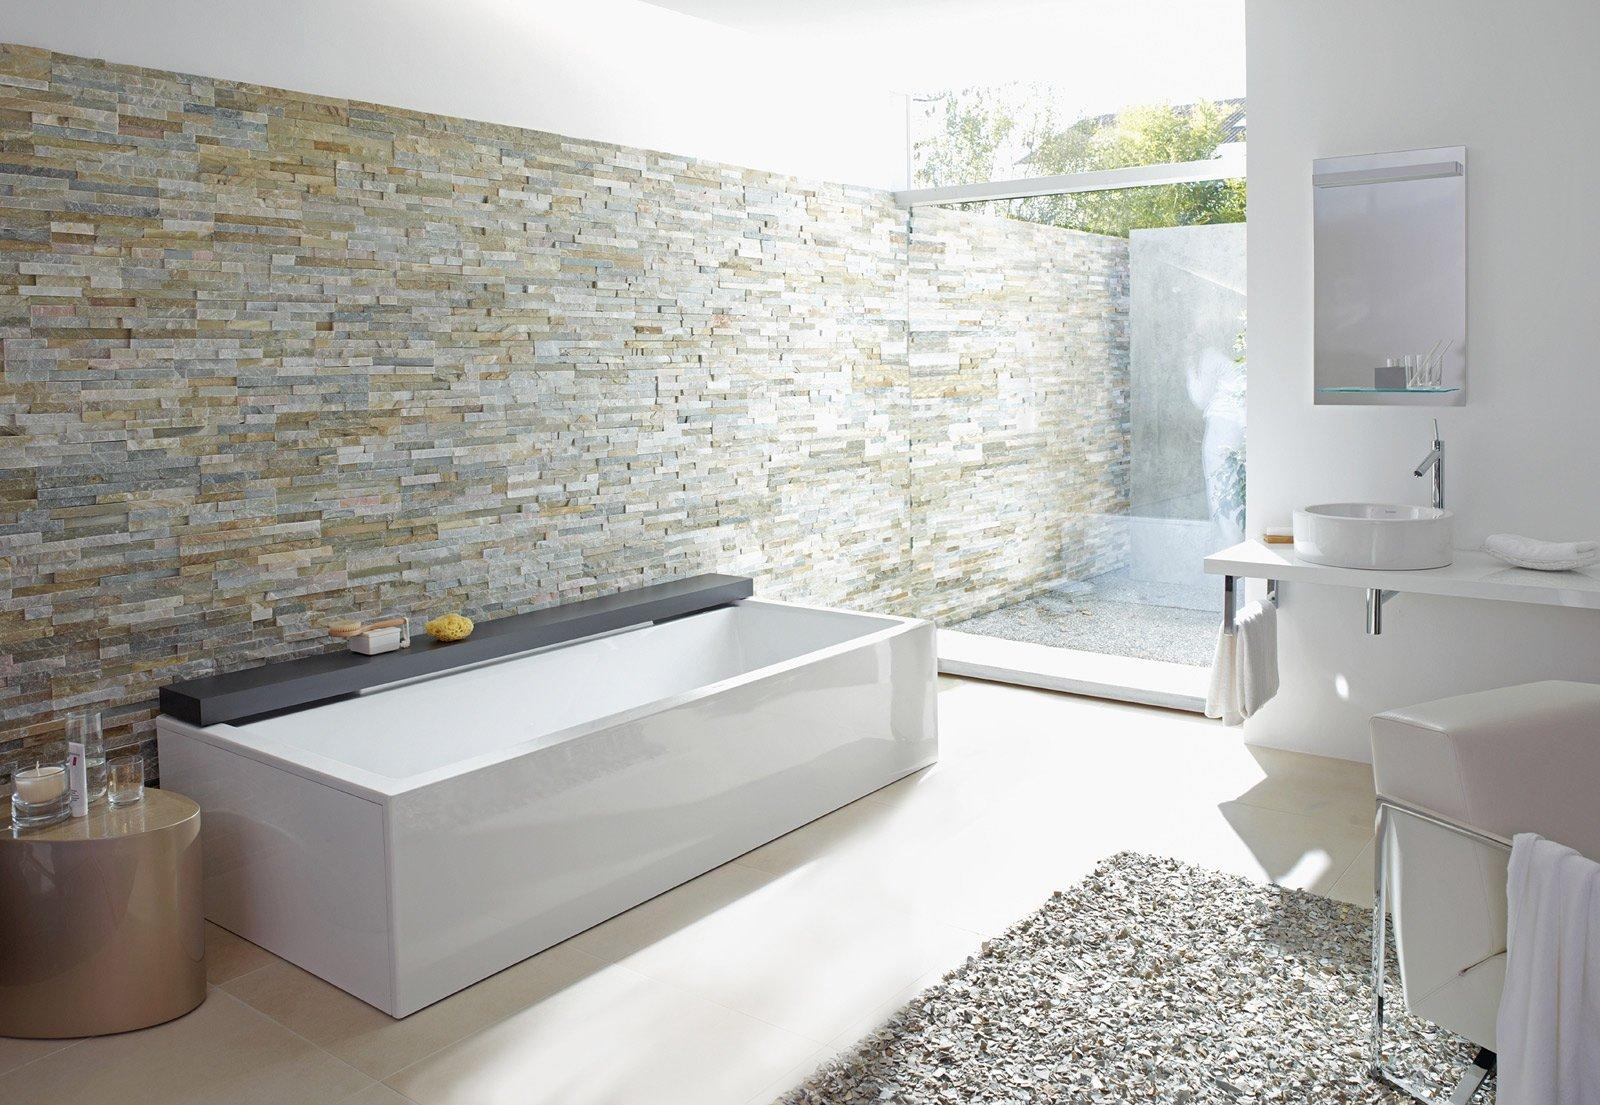 Bagno come attrezzarlo per il tuo benessere cose di casa - Rubinetteria a cascata bagno ...